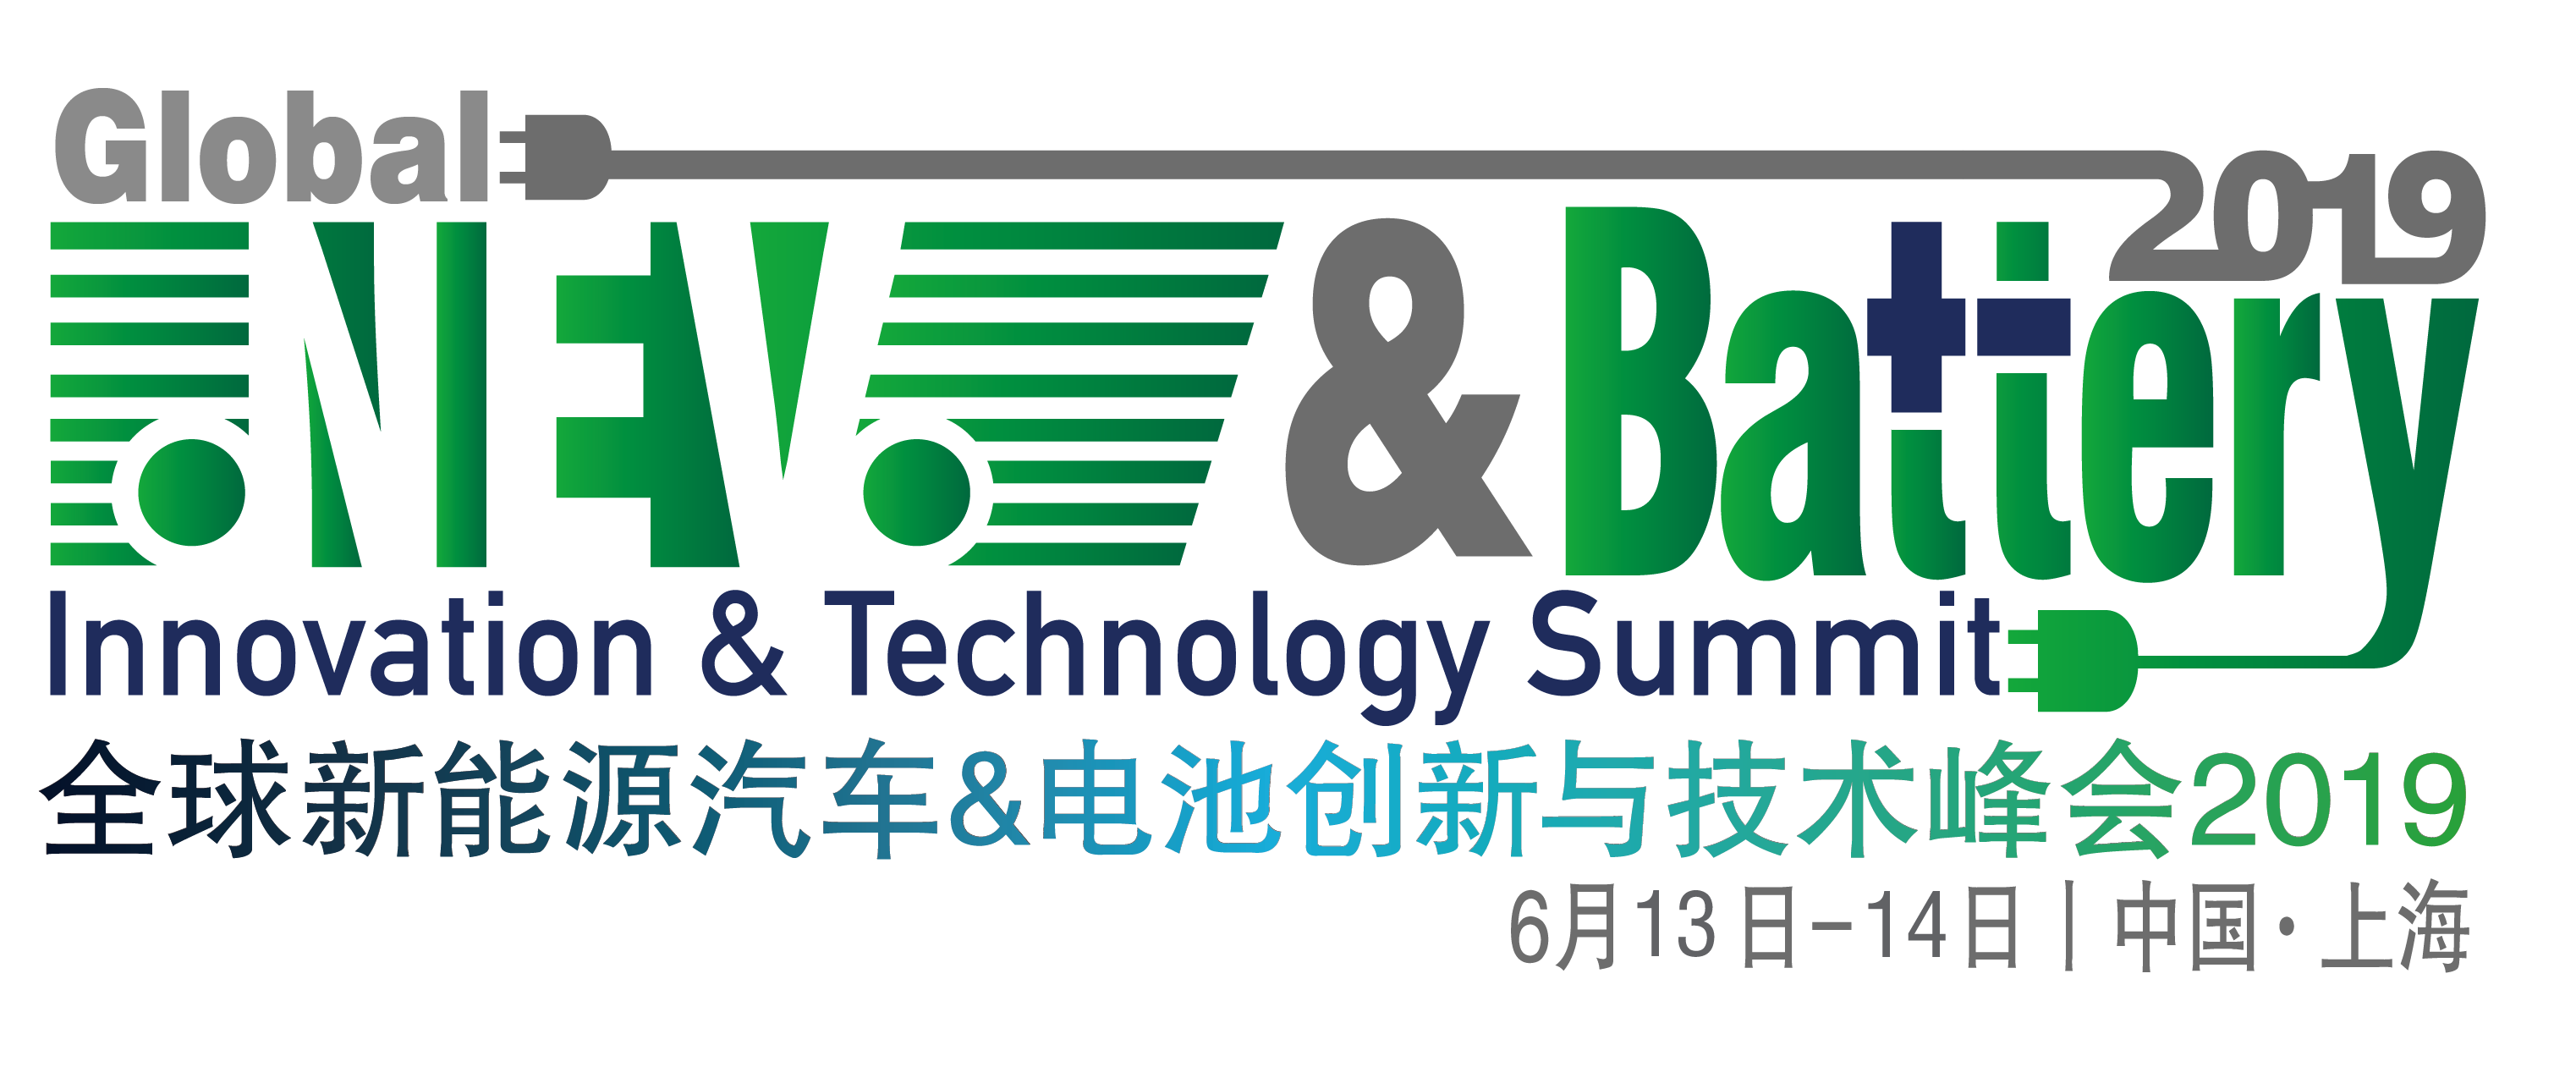 全球新能源汽车&电池创新与技术峰会2019(上海)